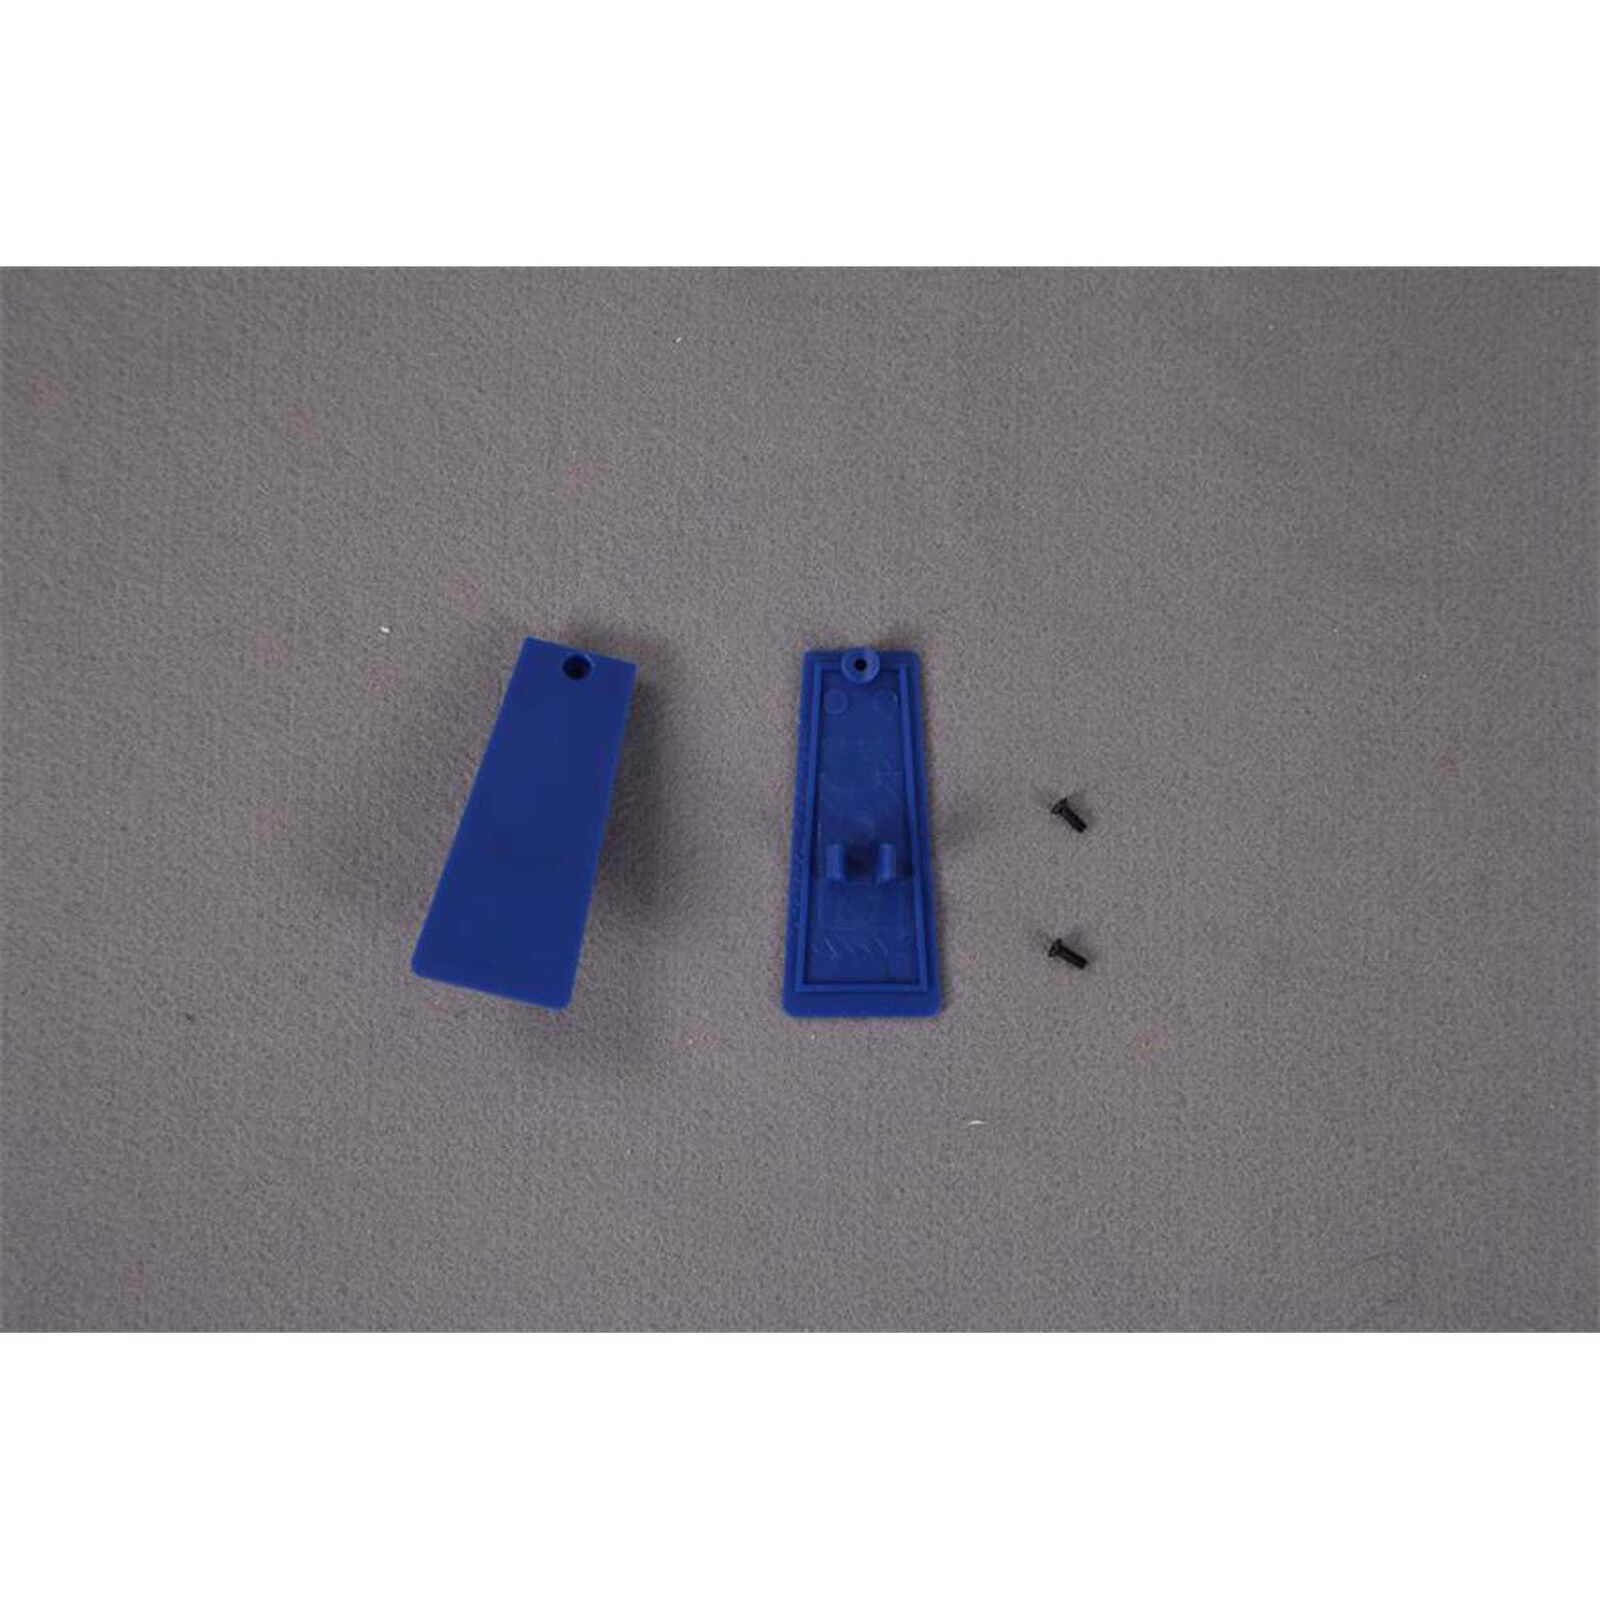 Main Landing Gear Door: Blue Avanti